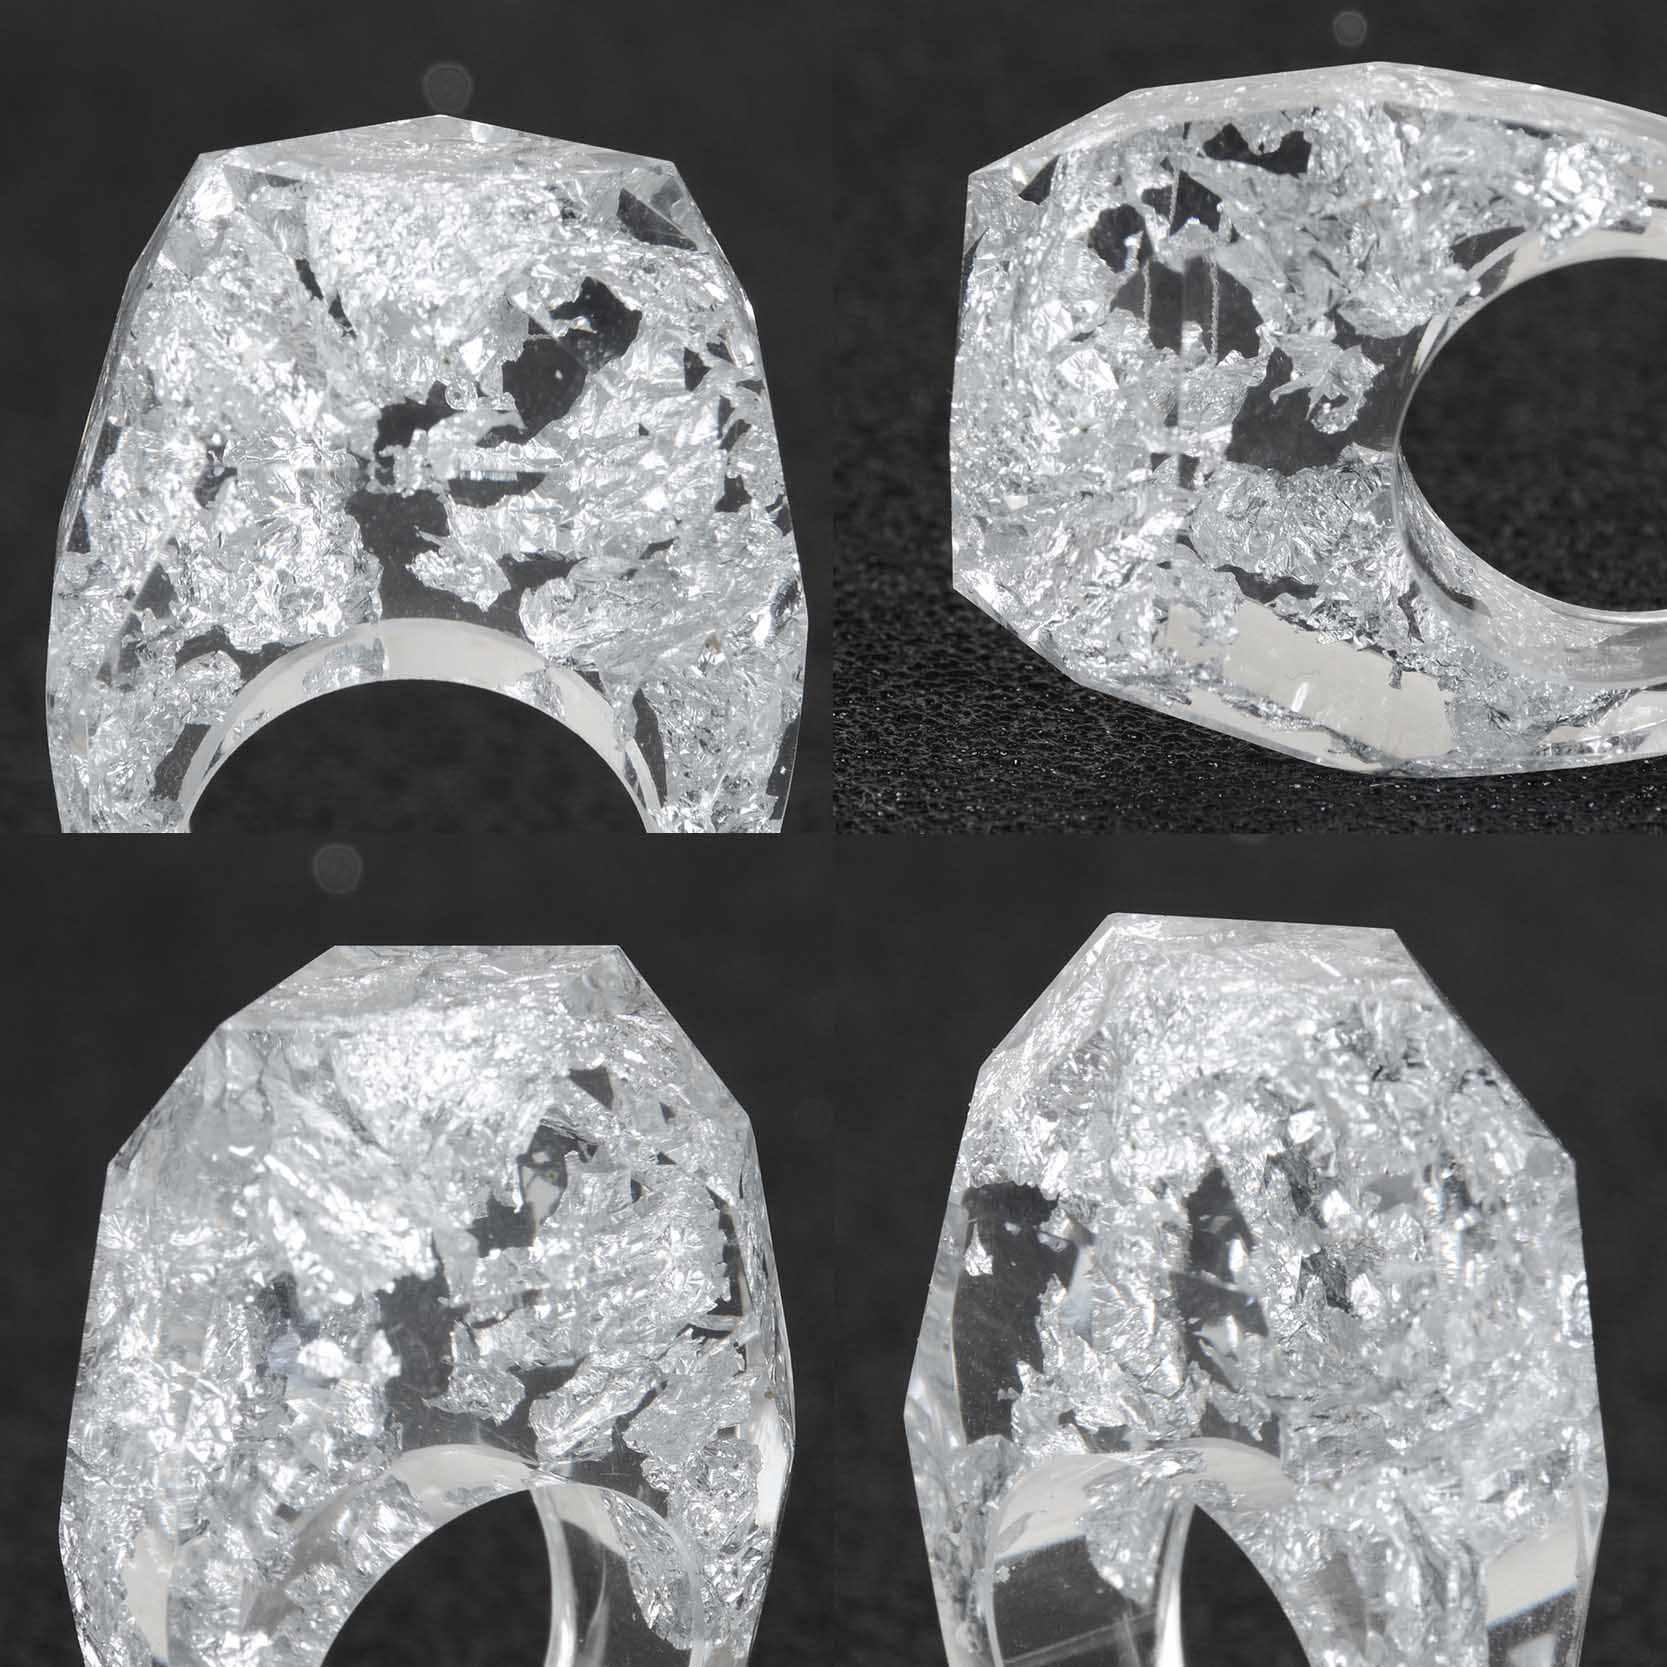 2019 อบแห้งเงินทองฟอยล์กระดาษเรซิ่นแหวนสำหรับสุภาพสตรีปาร์ตี้จัดงานแต่งงานแหวนนิ้วมือเครื่องประดับ